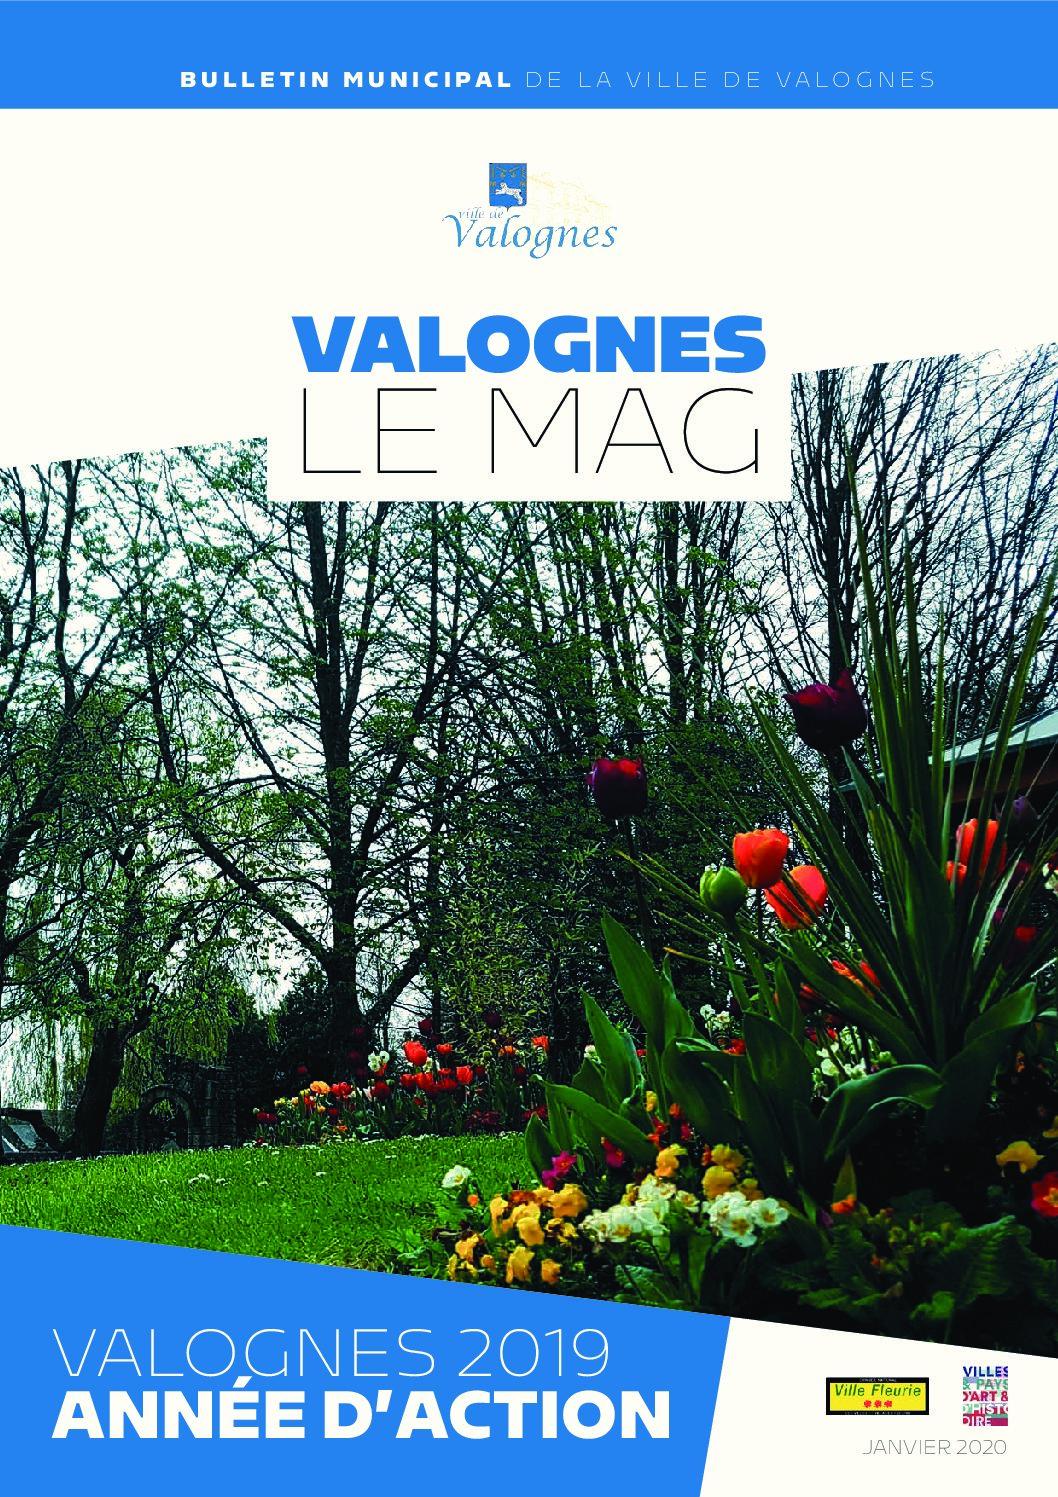 Bulletin municipal 2019 - Valognes 2019 - Année d